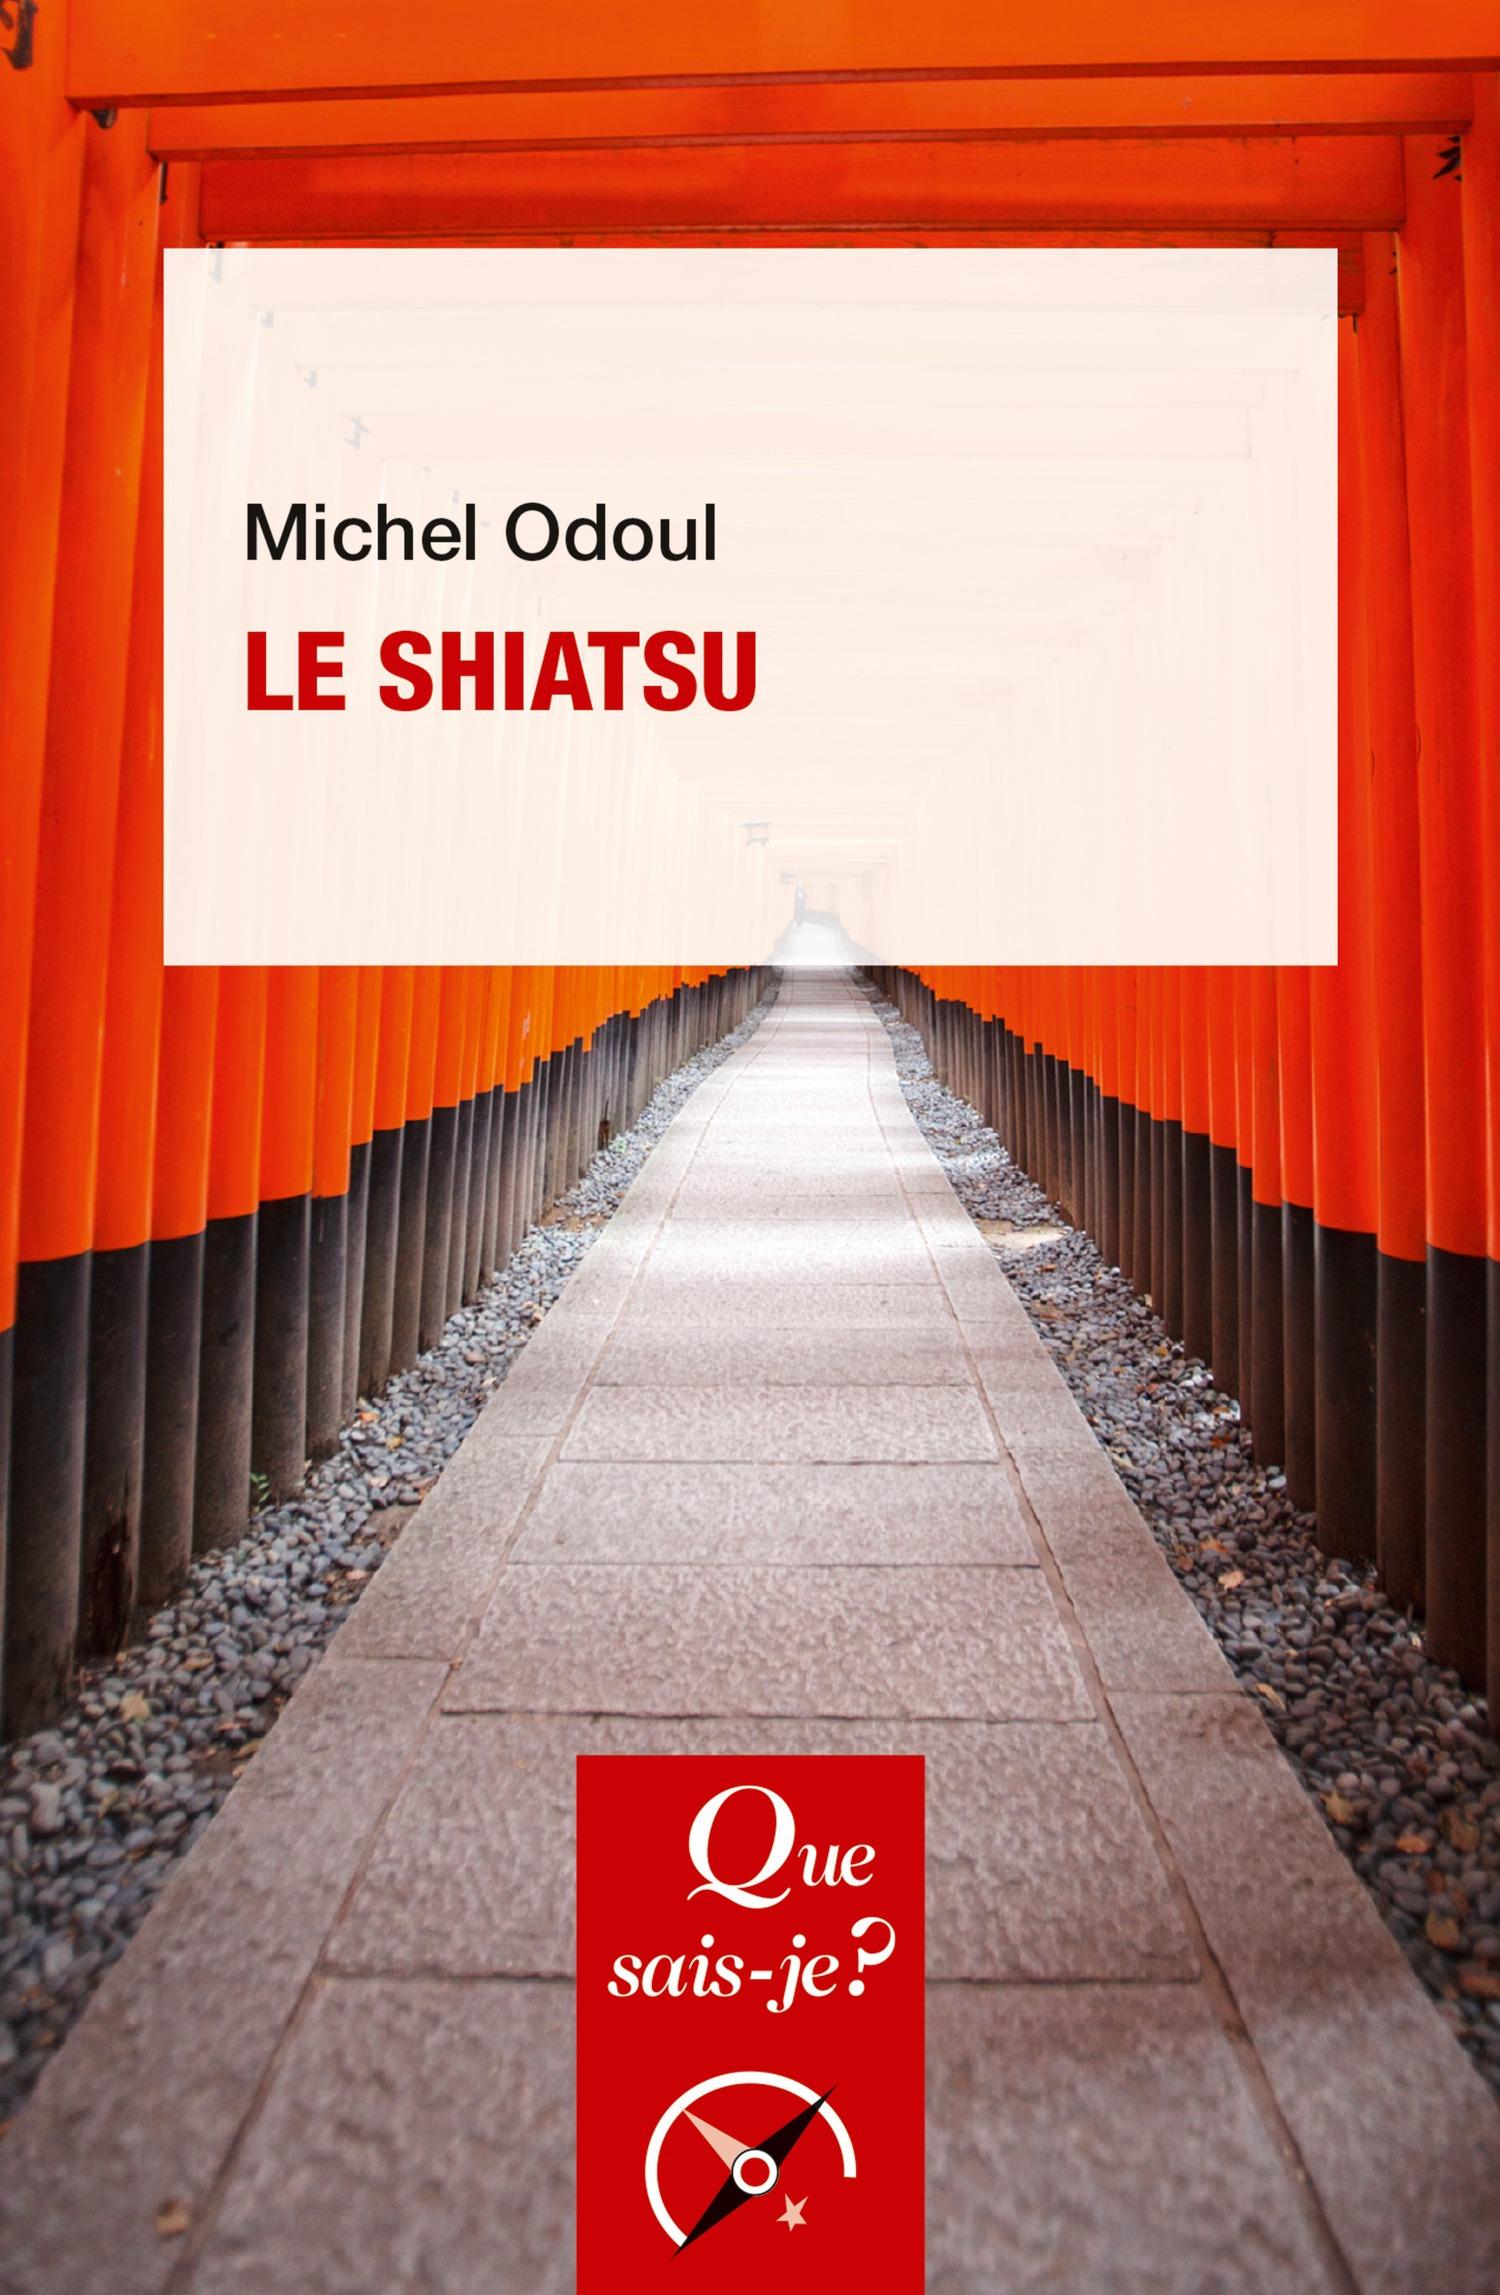 Michel Odoul Le shiatsu